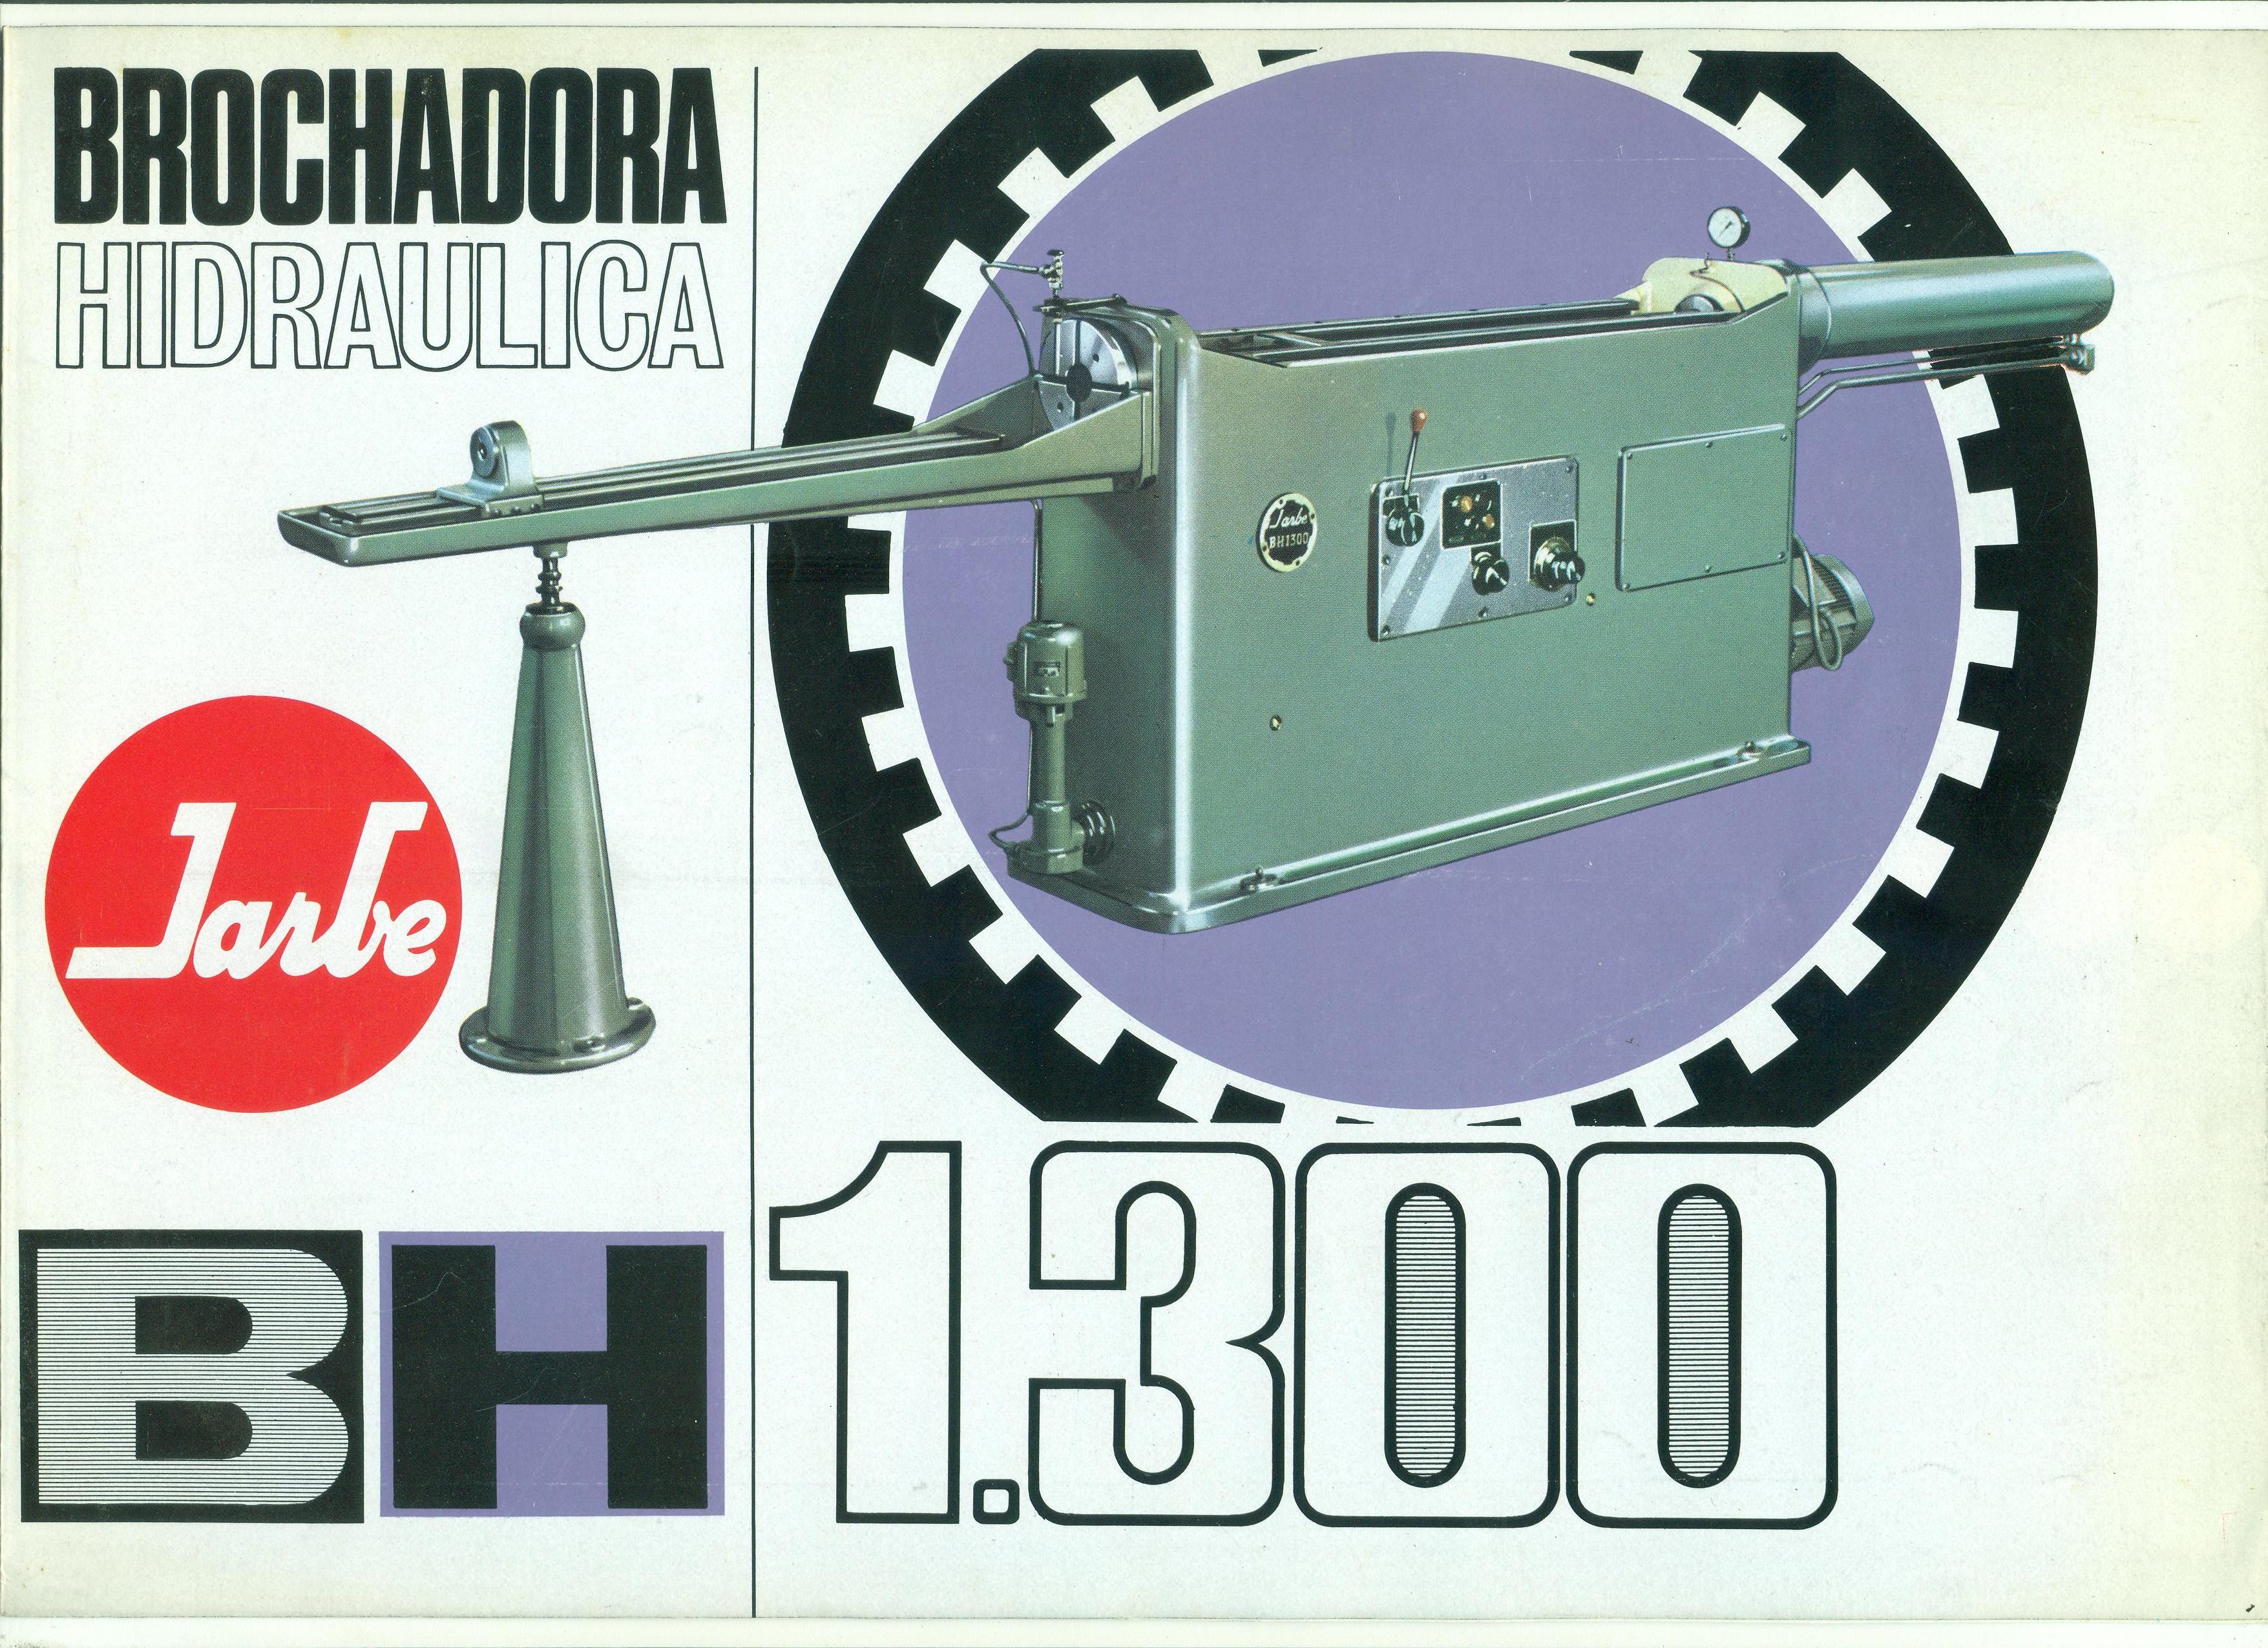 Brochadora hidráulica